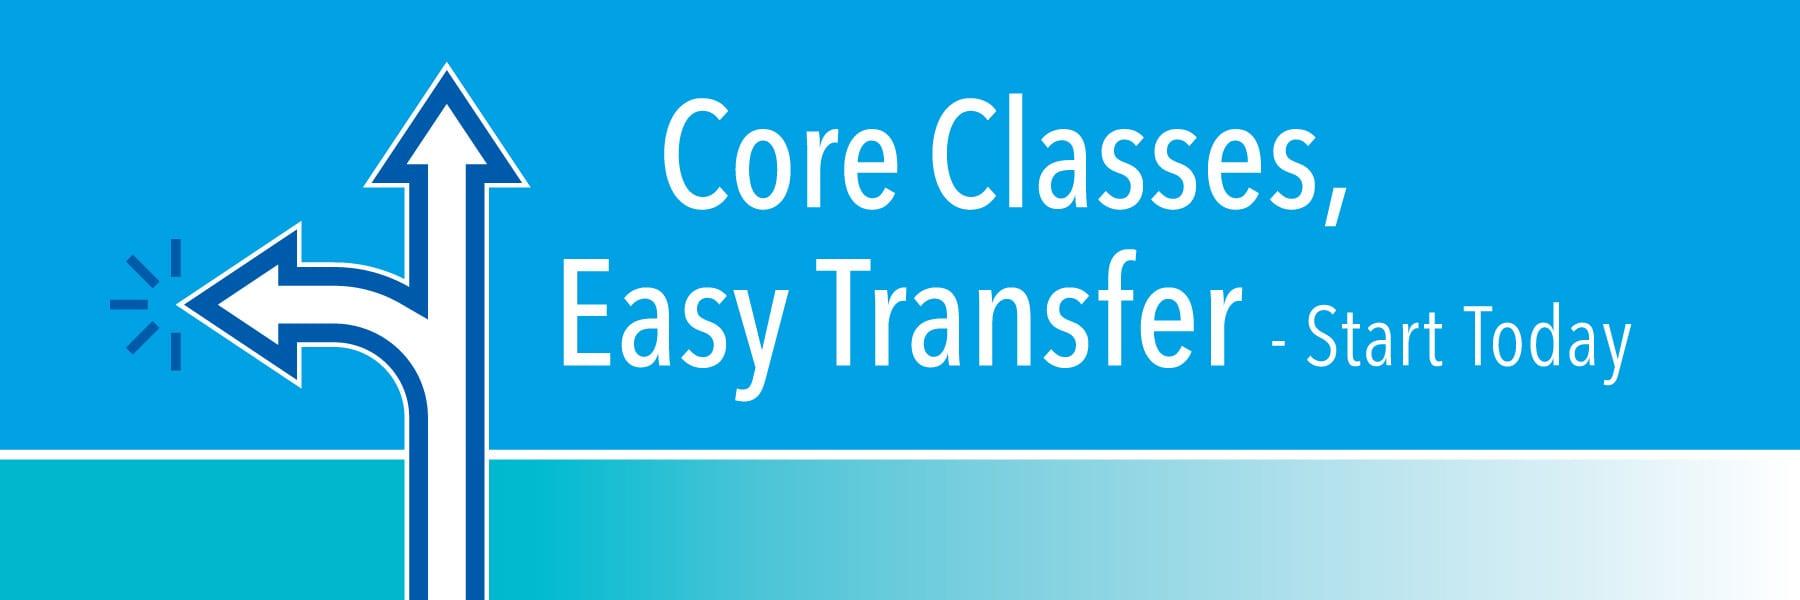 Core Classes. Easy Transfer